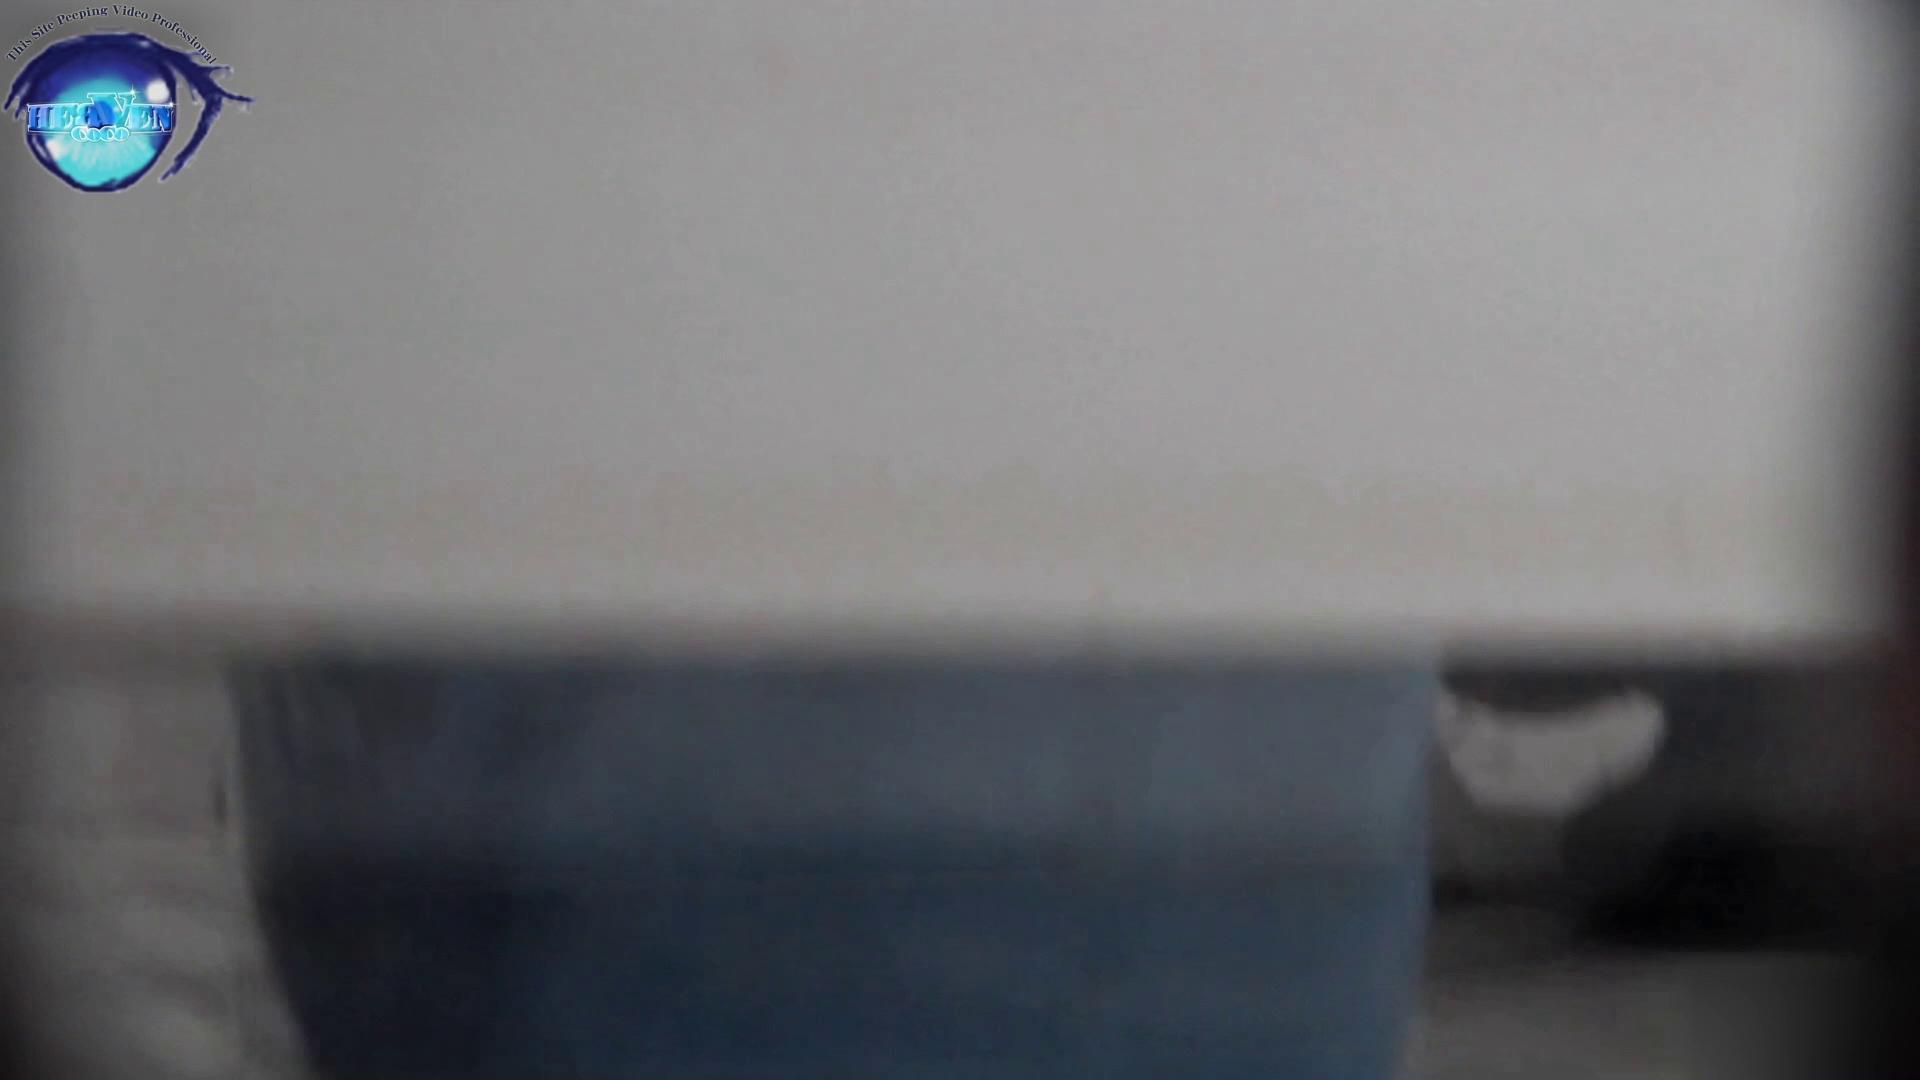 お銀さんの「洗面所突入レポート!!」 vol.51 突入最前線!おまけ付き 前編 洗面所 | OLすけべ画像  38連発 11